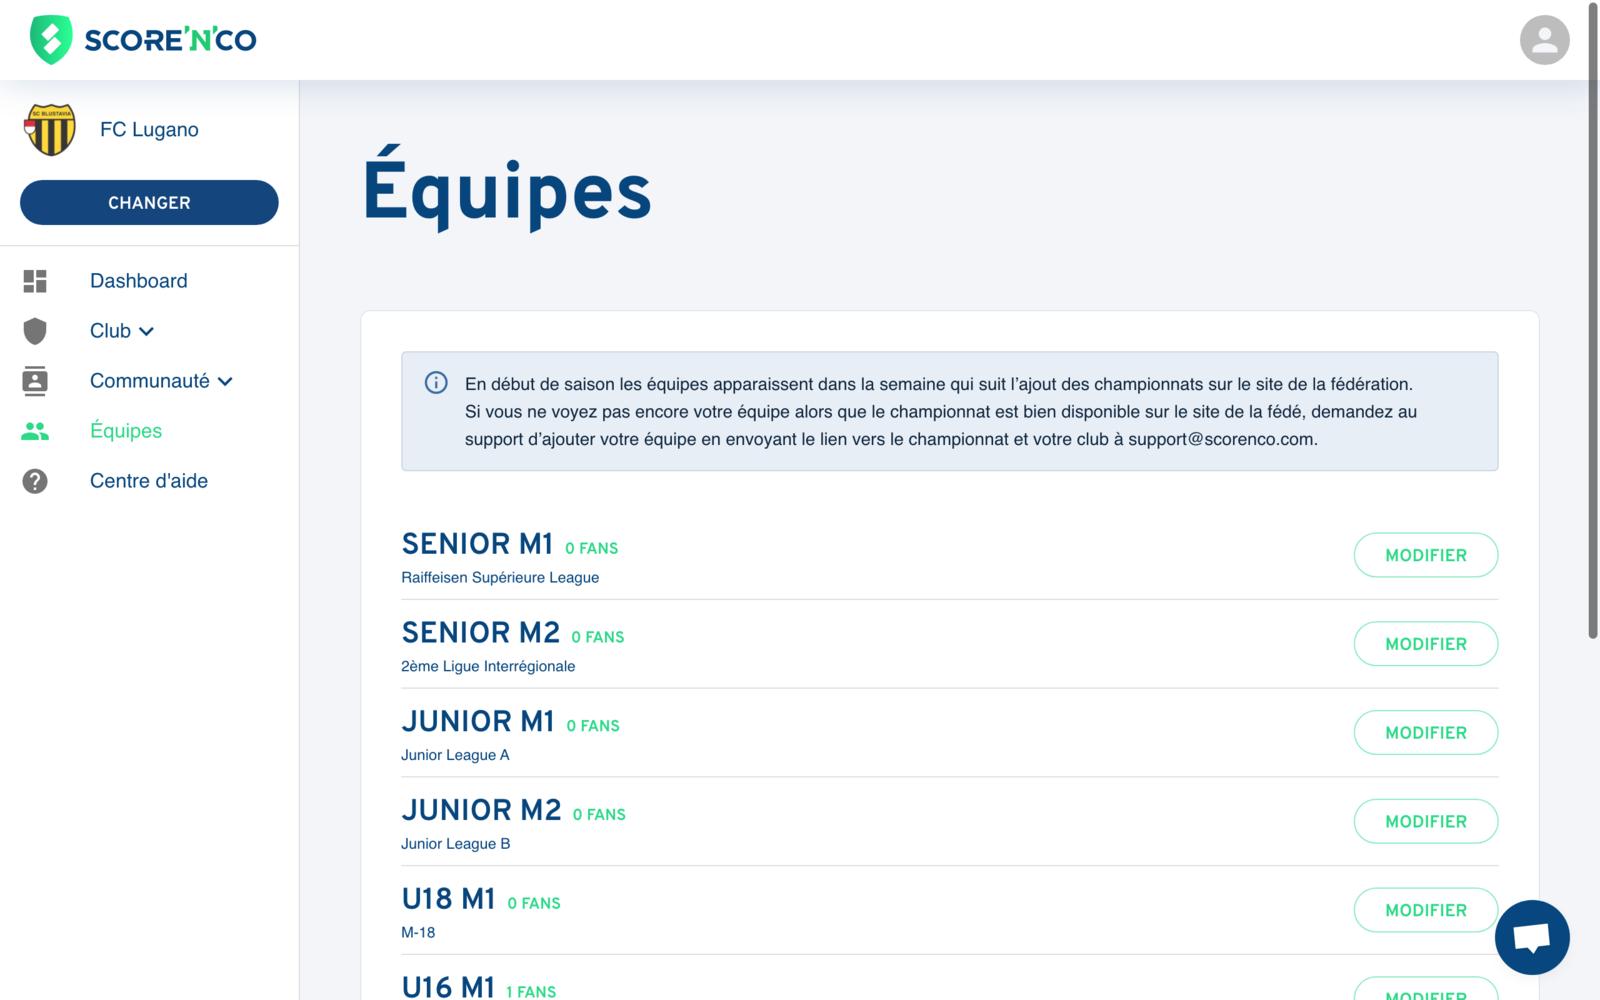 Rubrique Équipes - Listes des équipes - Score'n'co